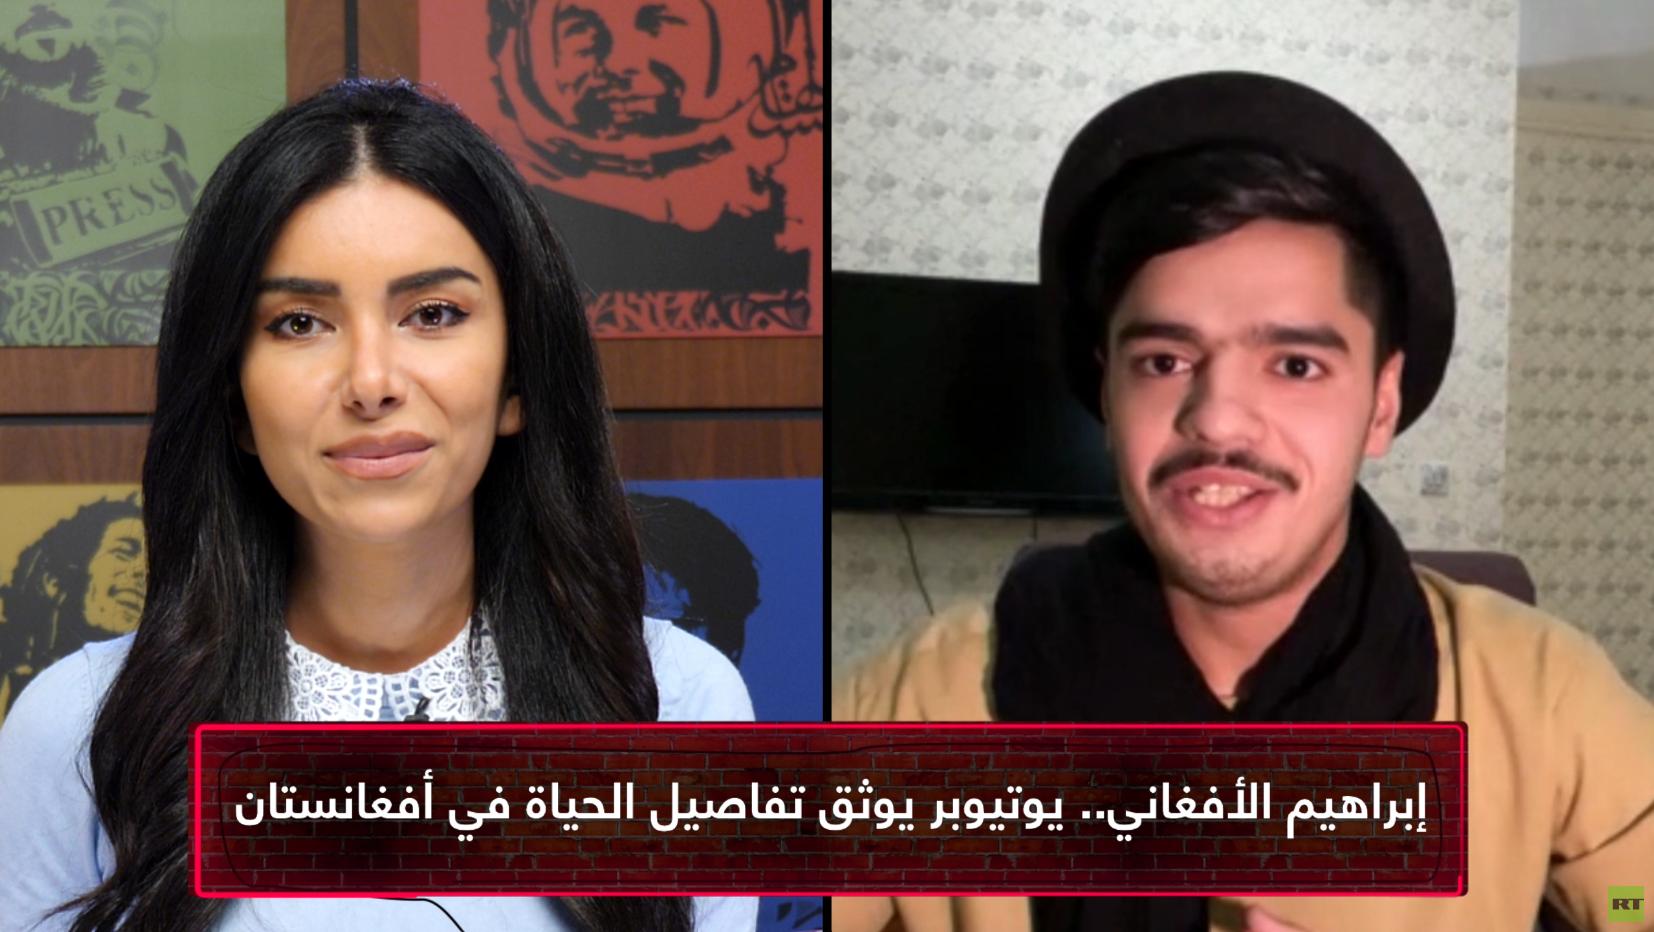 اليوتيوبر إبراهيم الأفغاني: لا أفكر بمغادرة أفغانستان.. والناس يمارسون حياتهم بشكل طبيعي